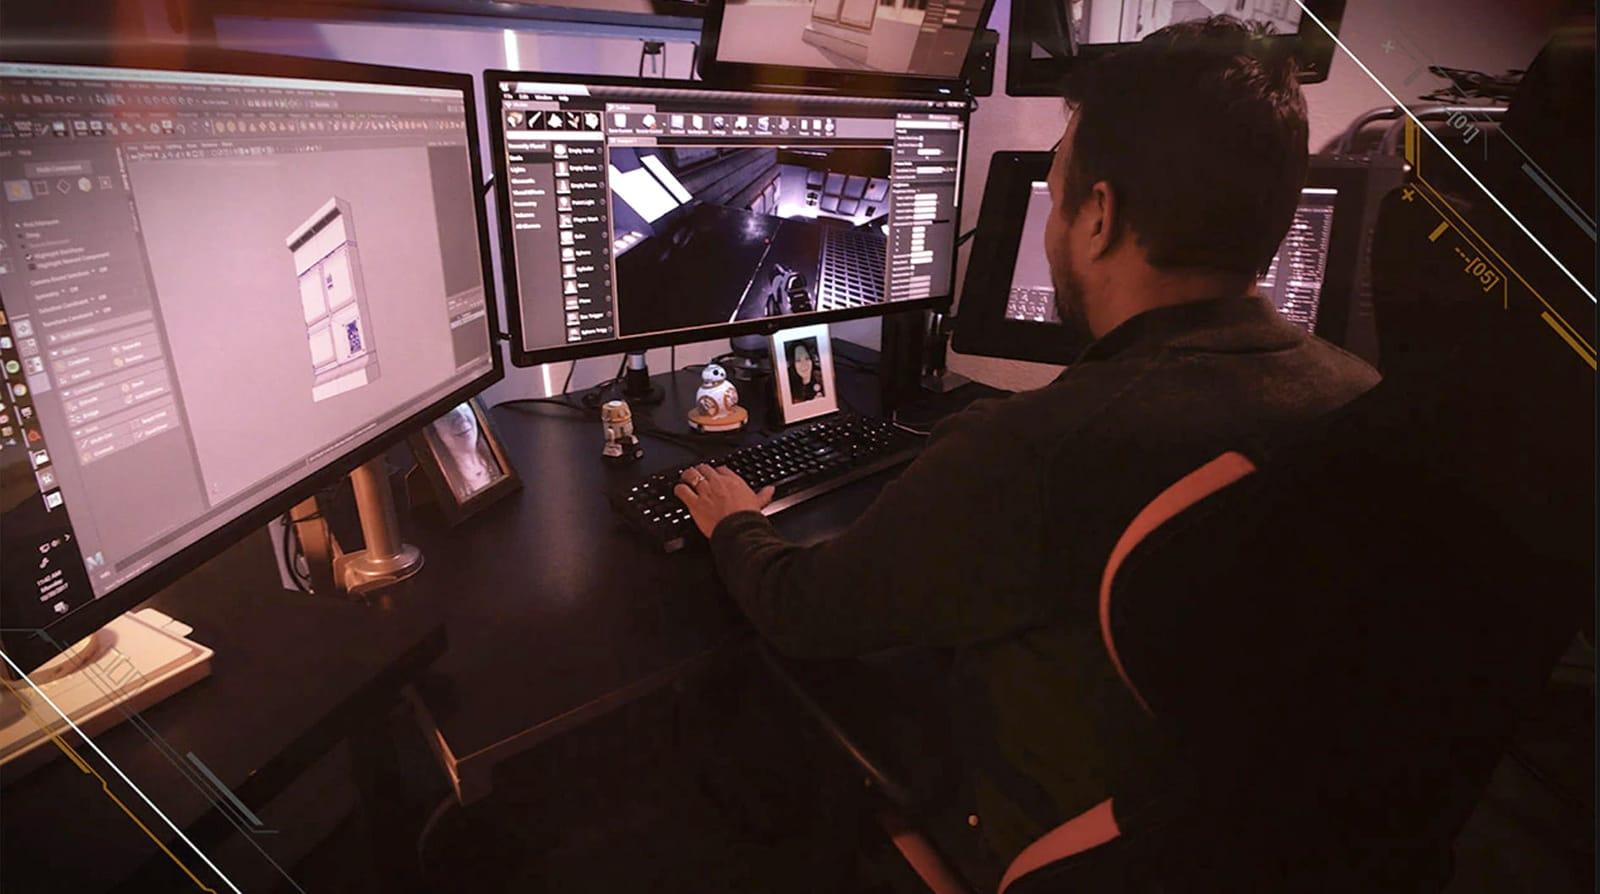 AMD threadripper workstation HEDT